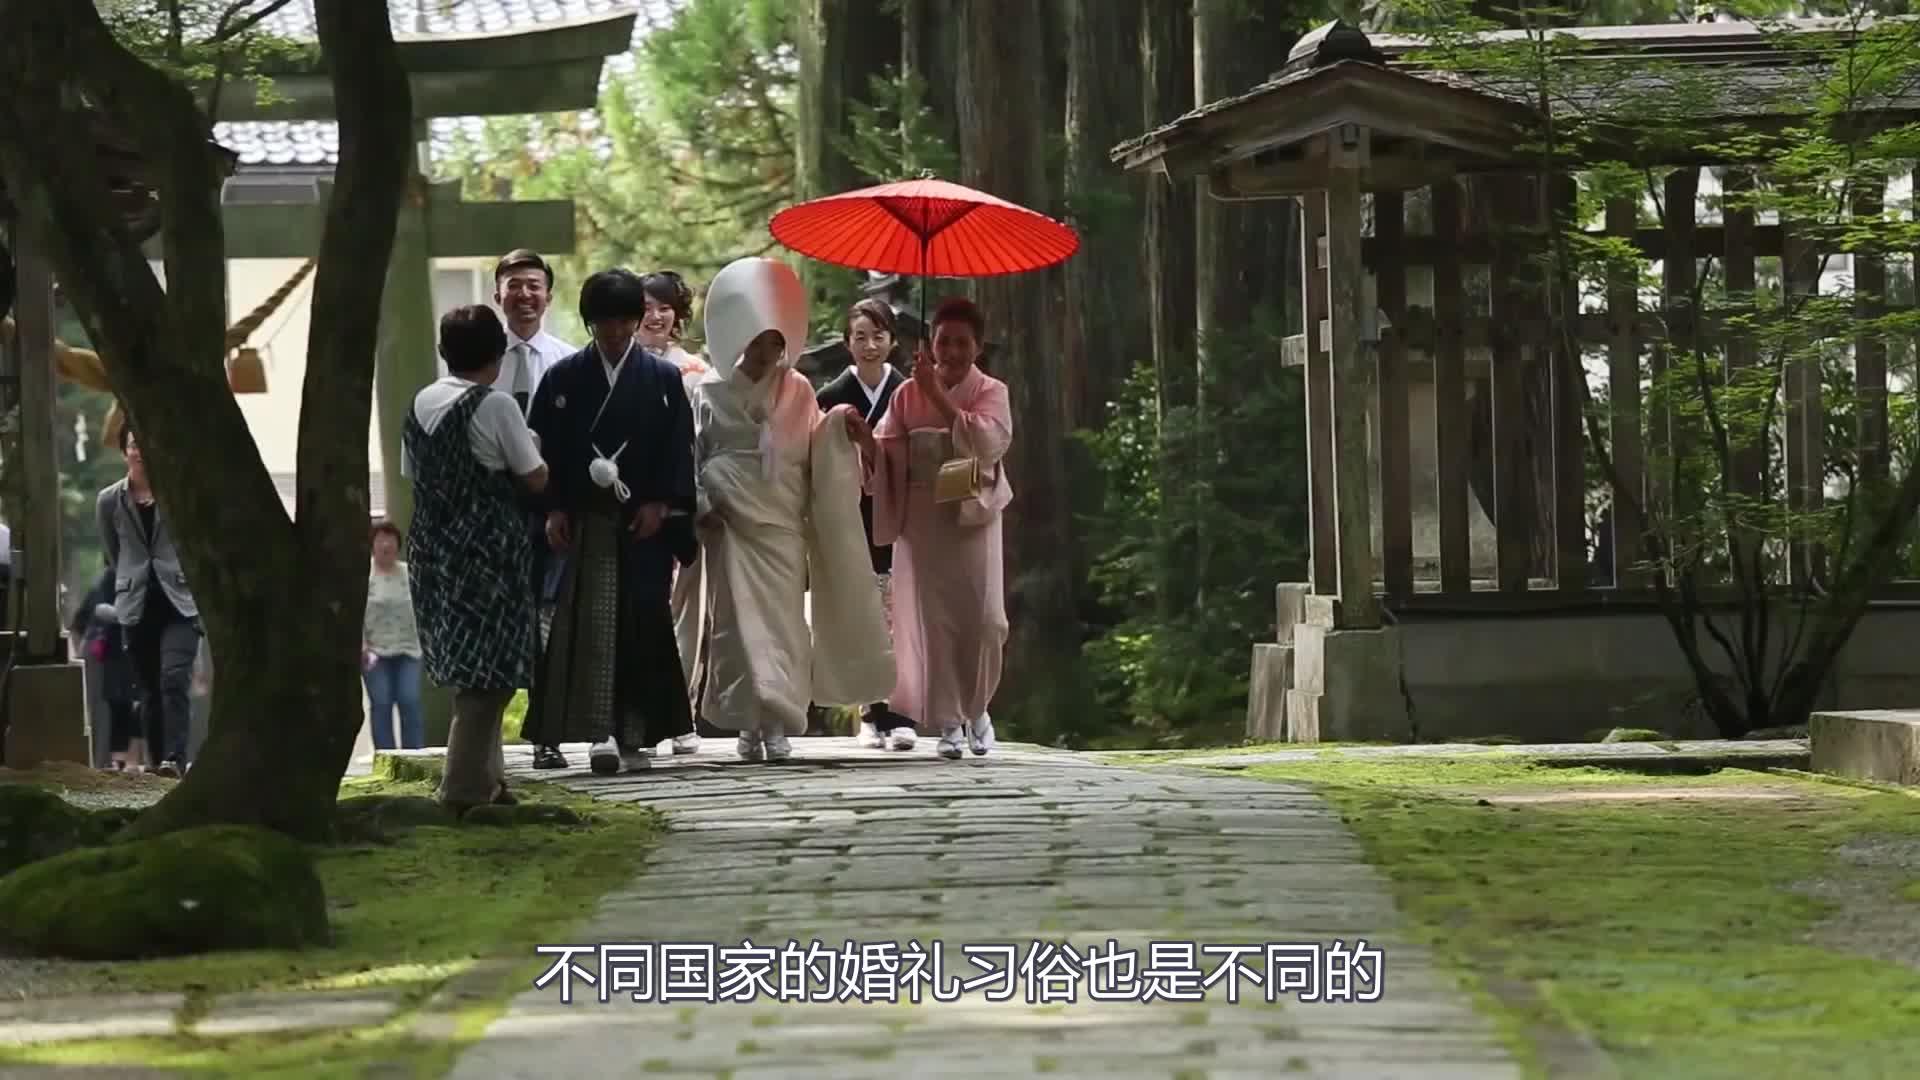 日本女子新婚之夜,竟有如此奇葩的习俗,恕我直言:真开眼了!